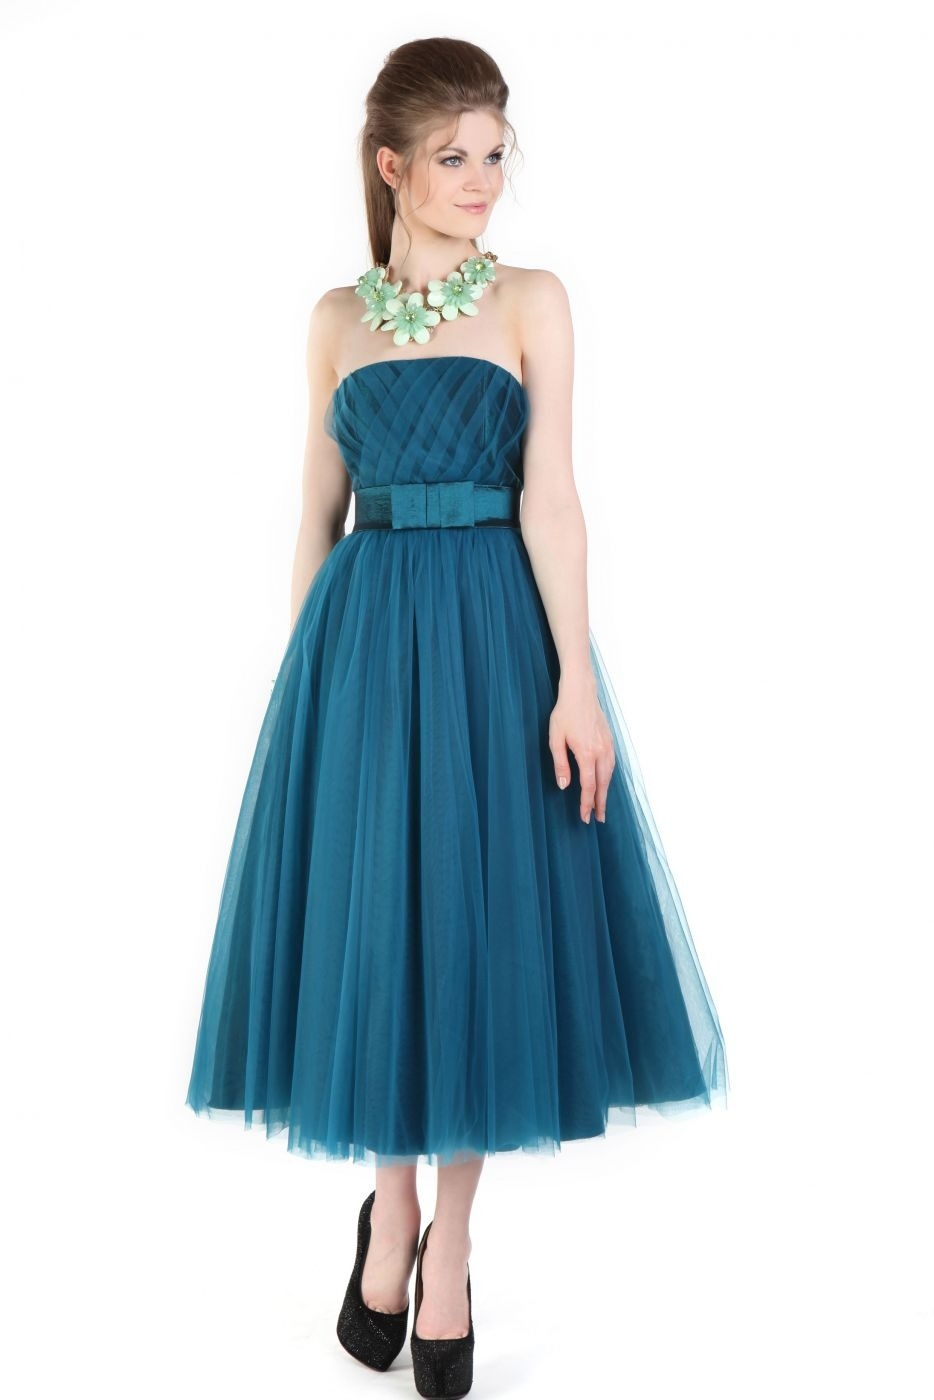 15 Einzigartig Kleider Festlicher Anlass Boutique20 Perfekt Kleider Festlicher Anlass Spezialgebiet